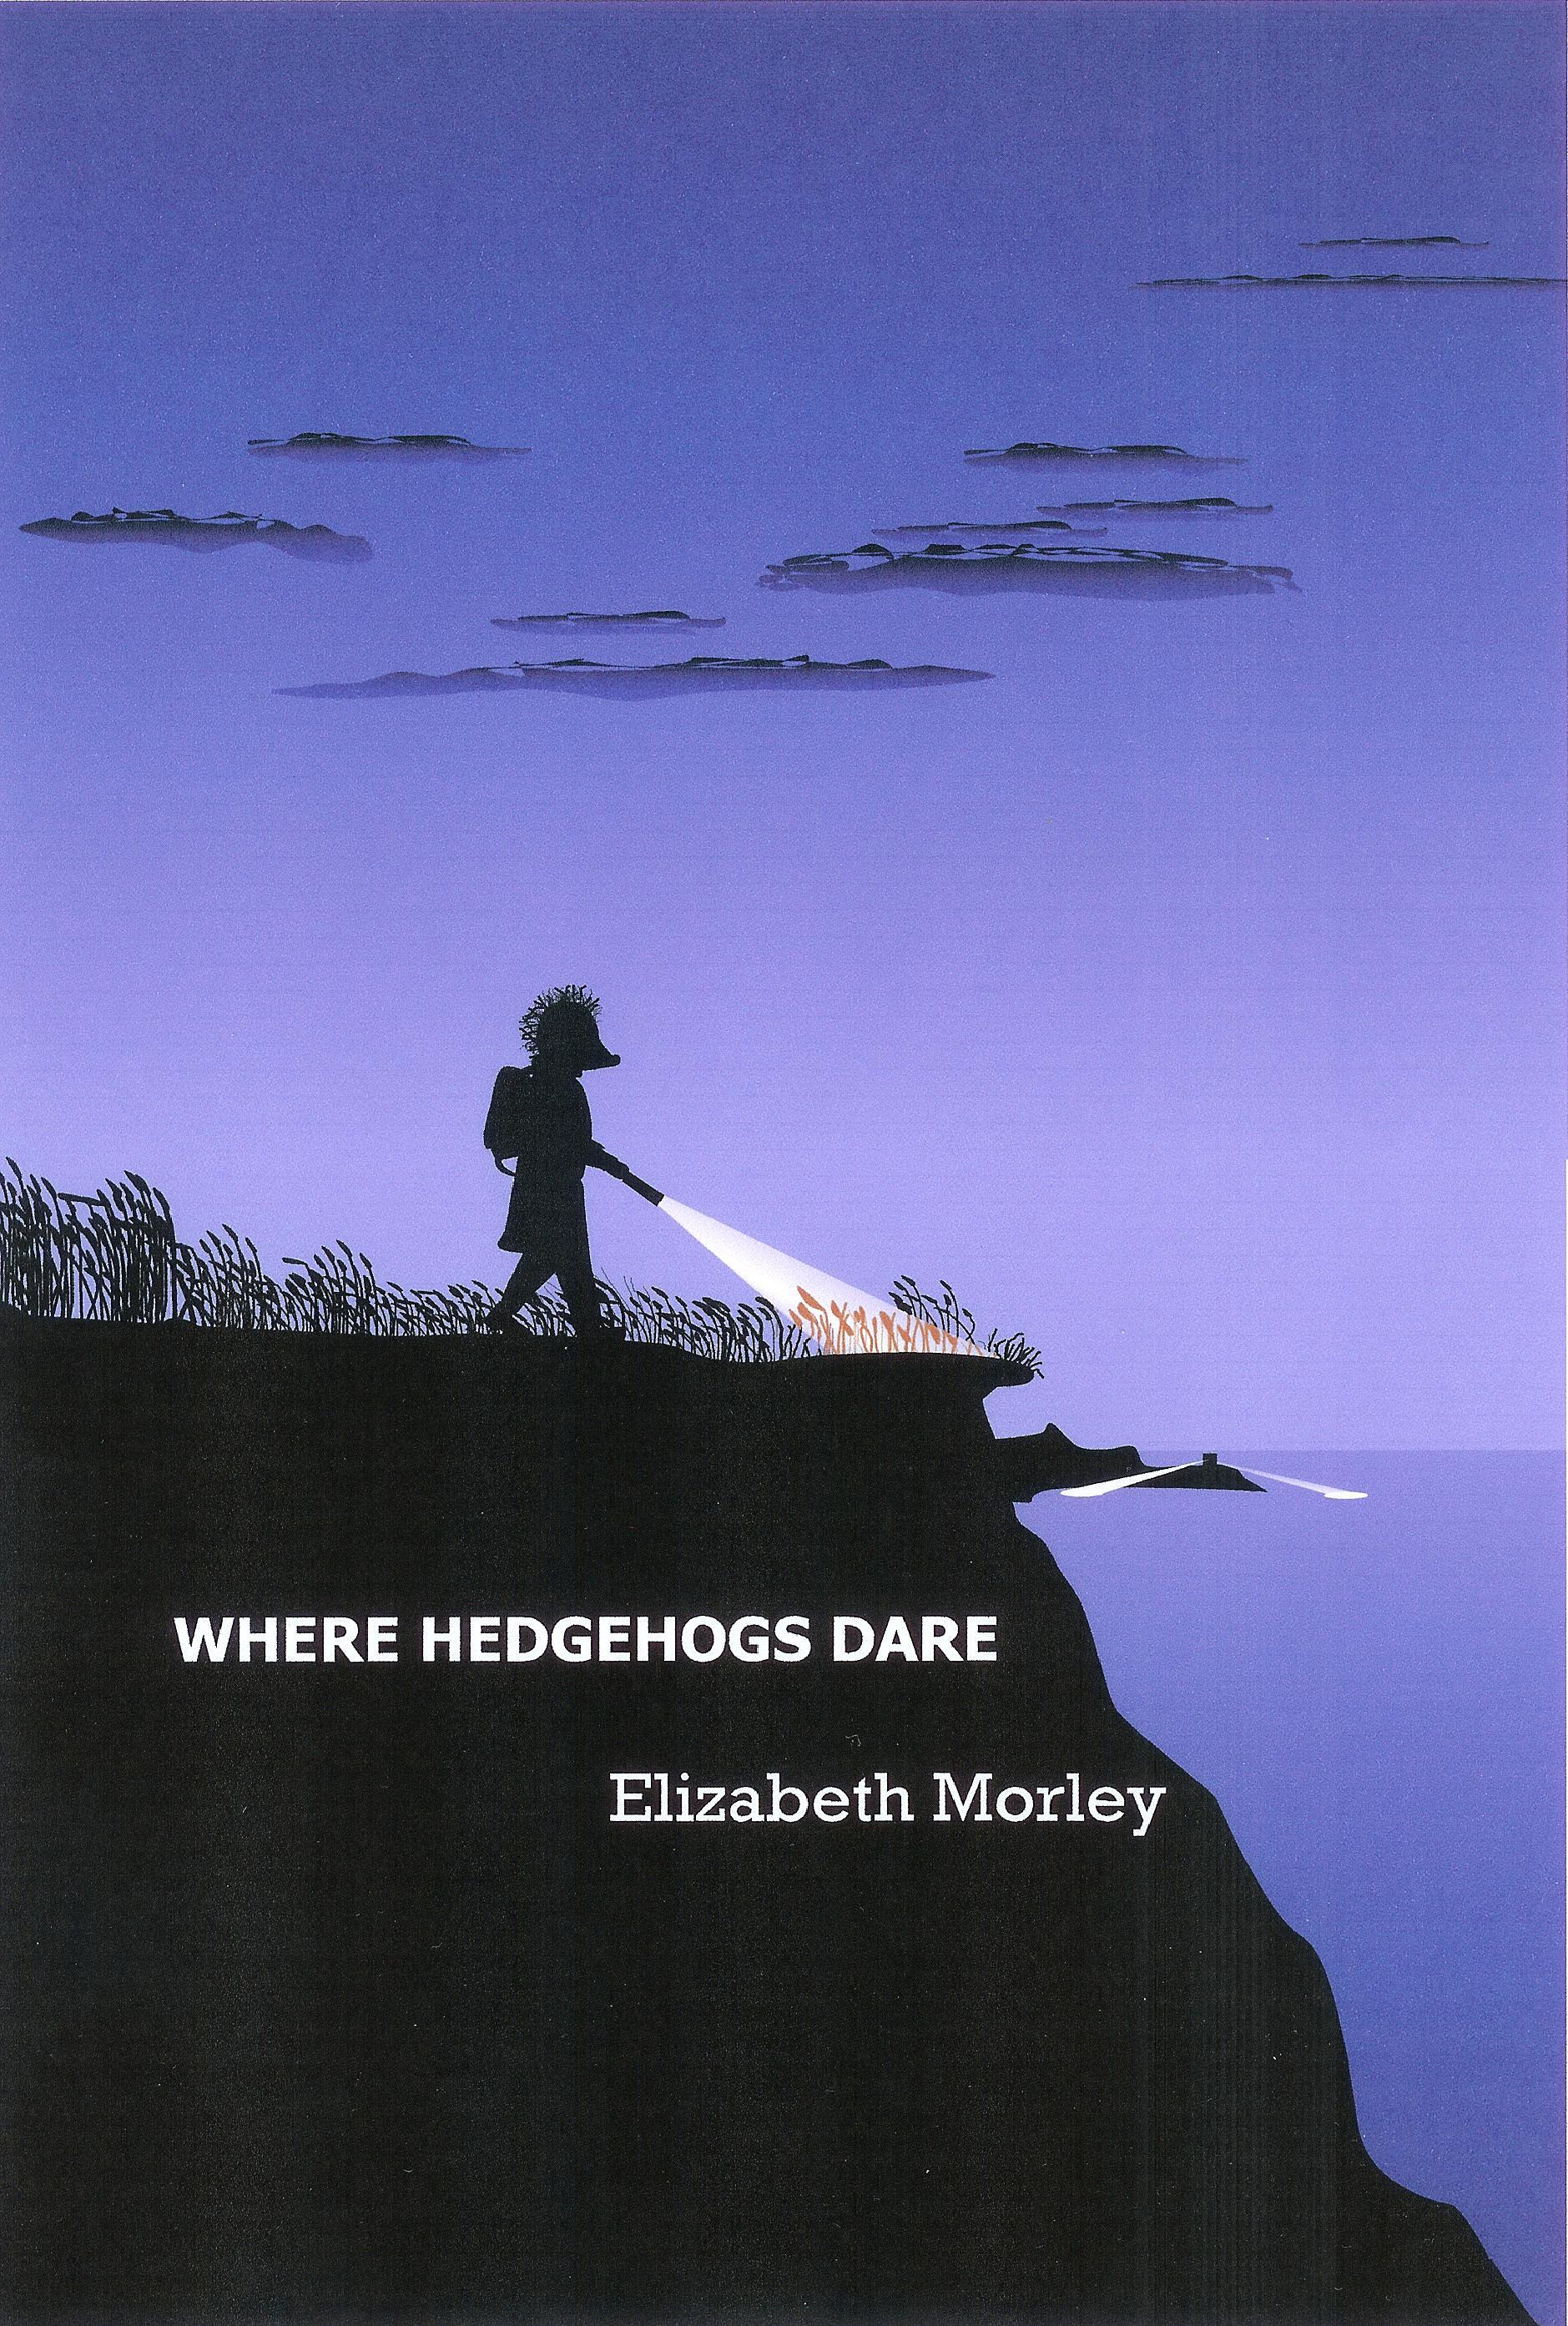 Elizabeth Morley - first image